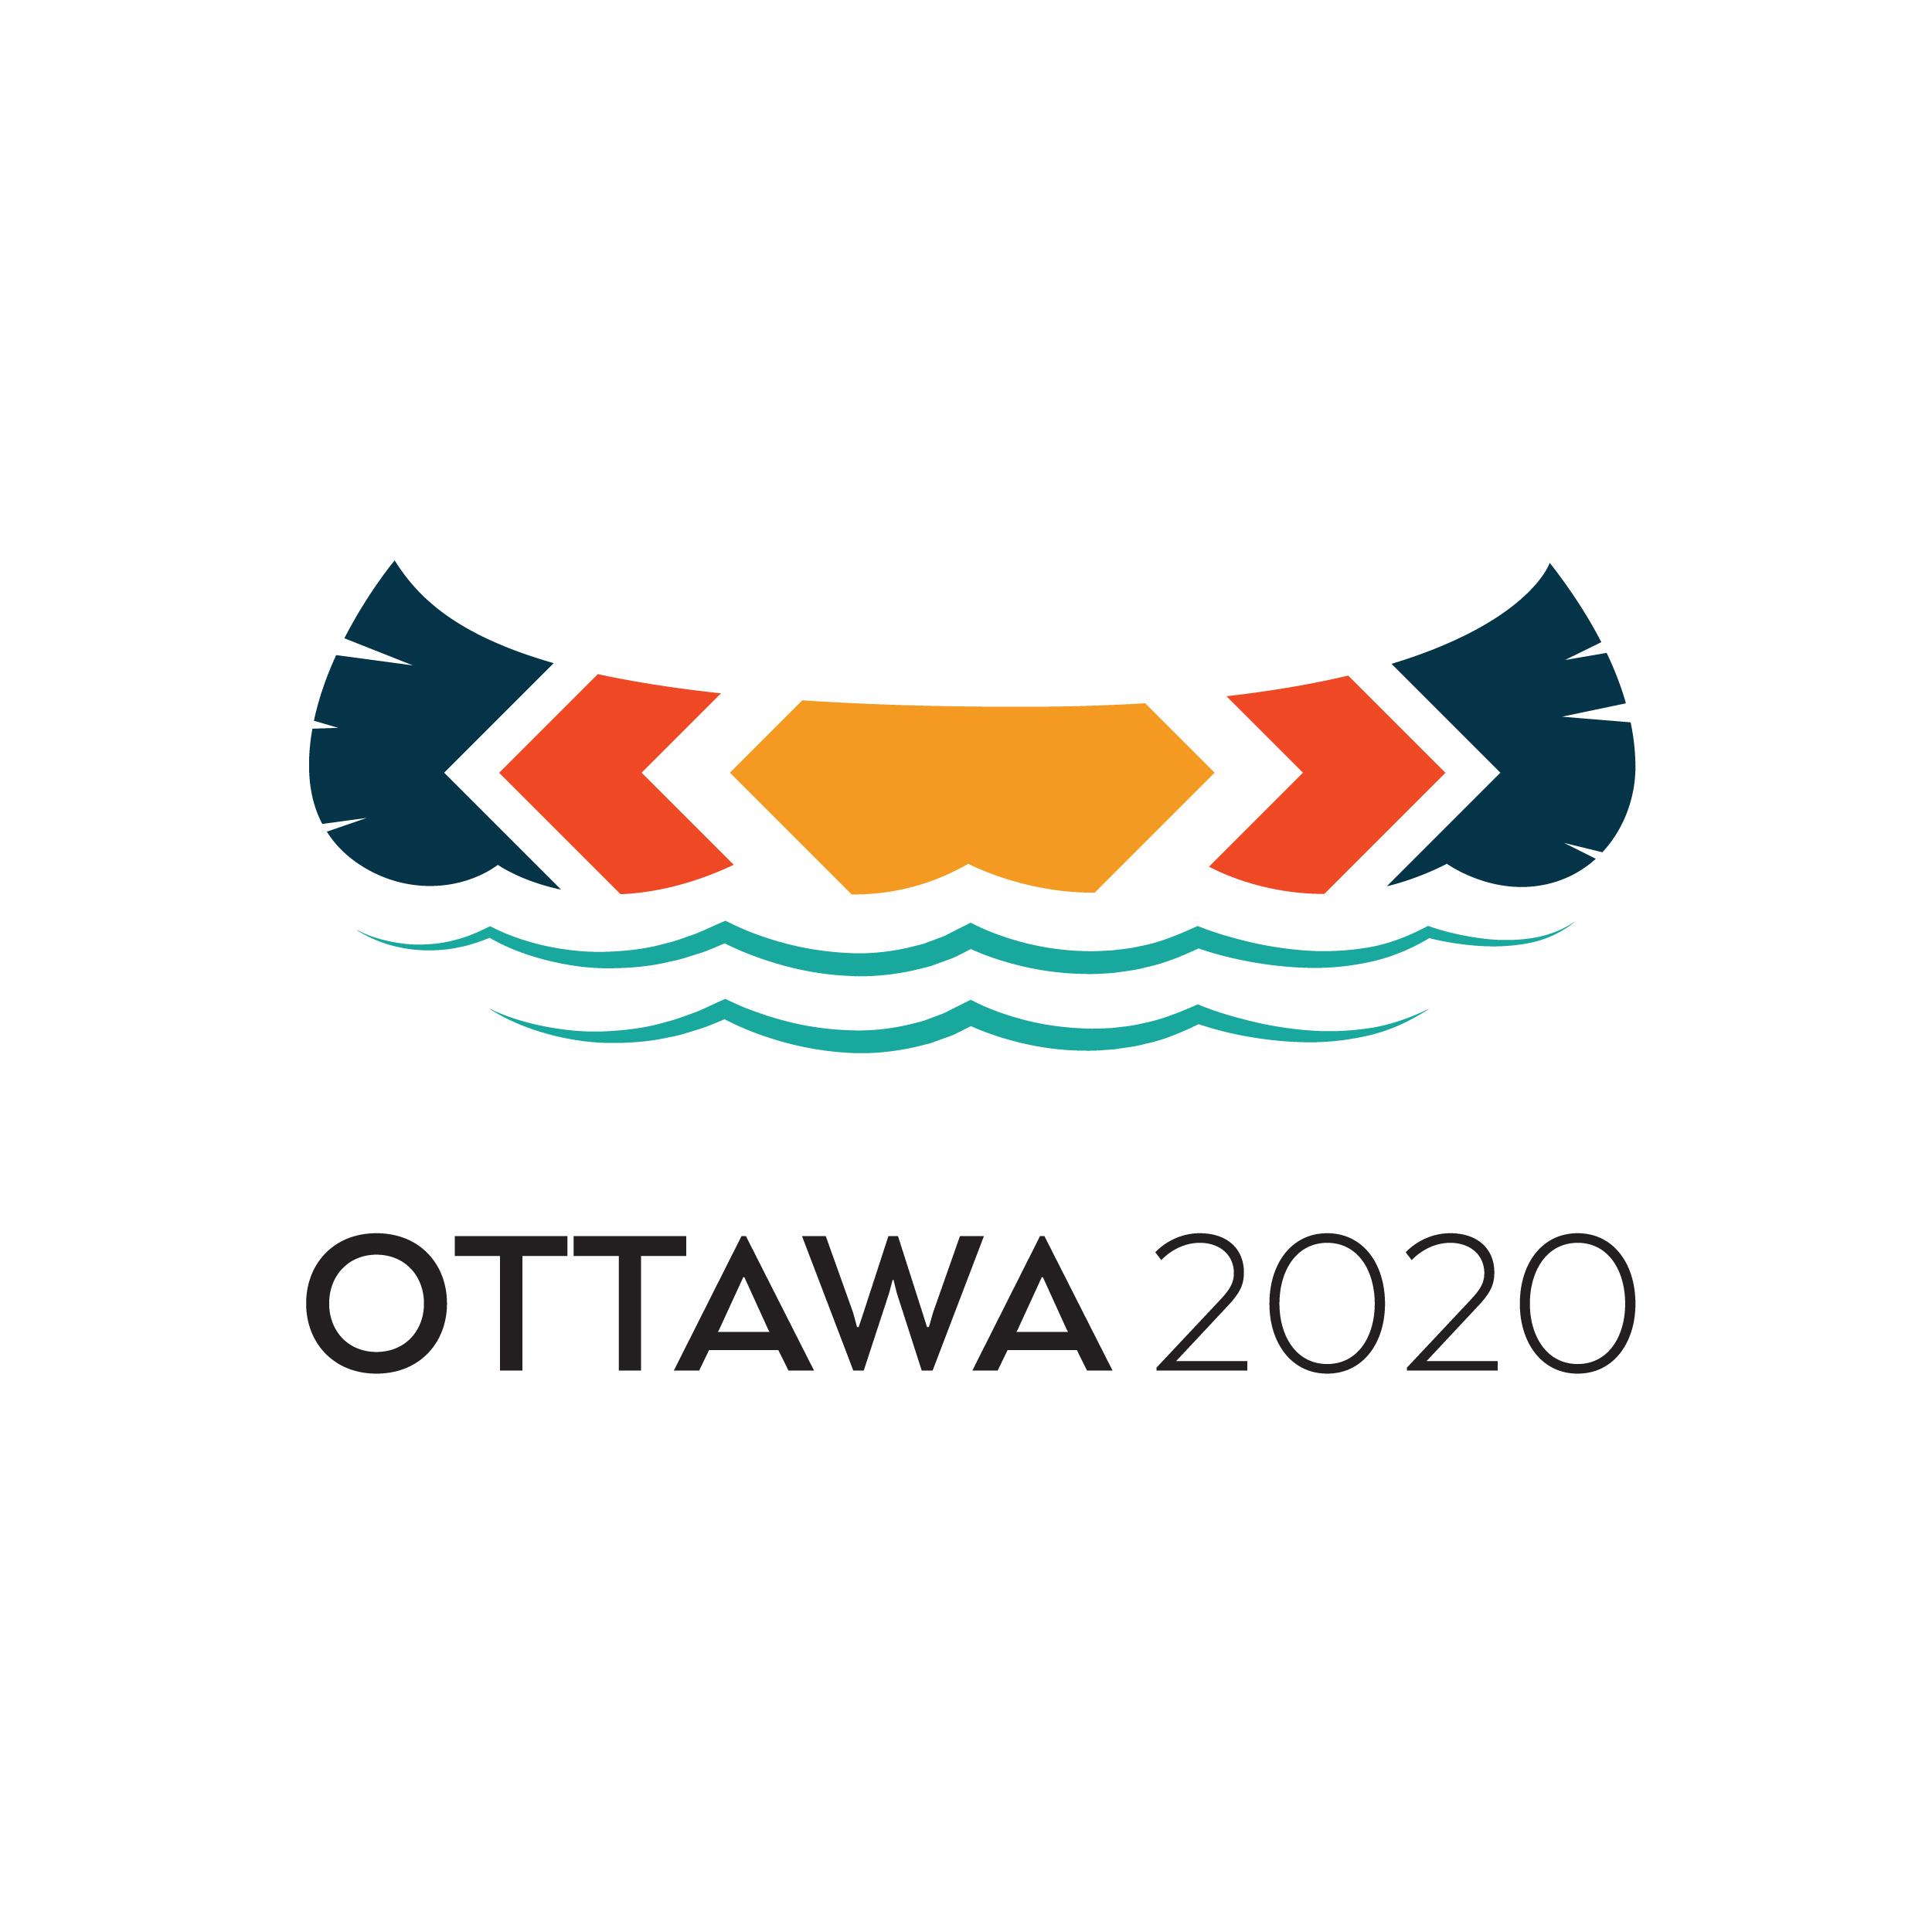 Ottawa 2020  logo design by logo designer Jensen Group